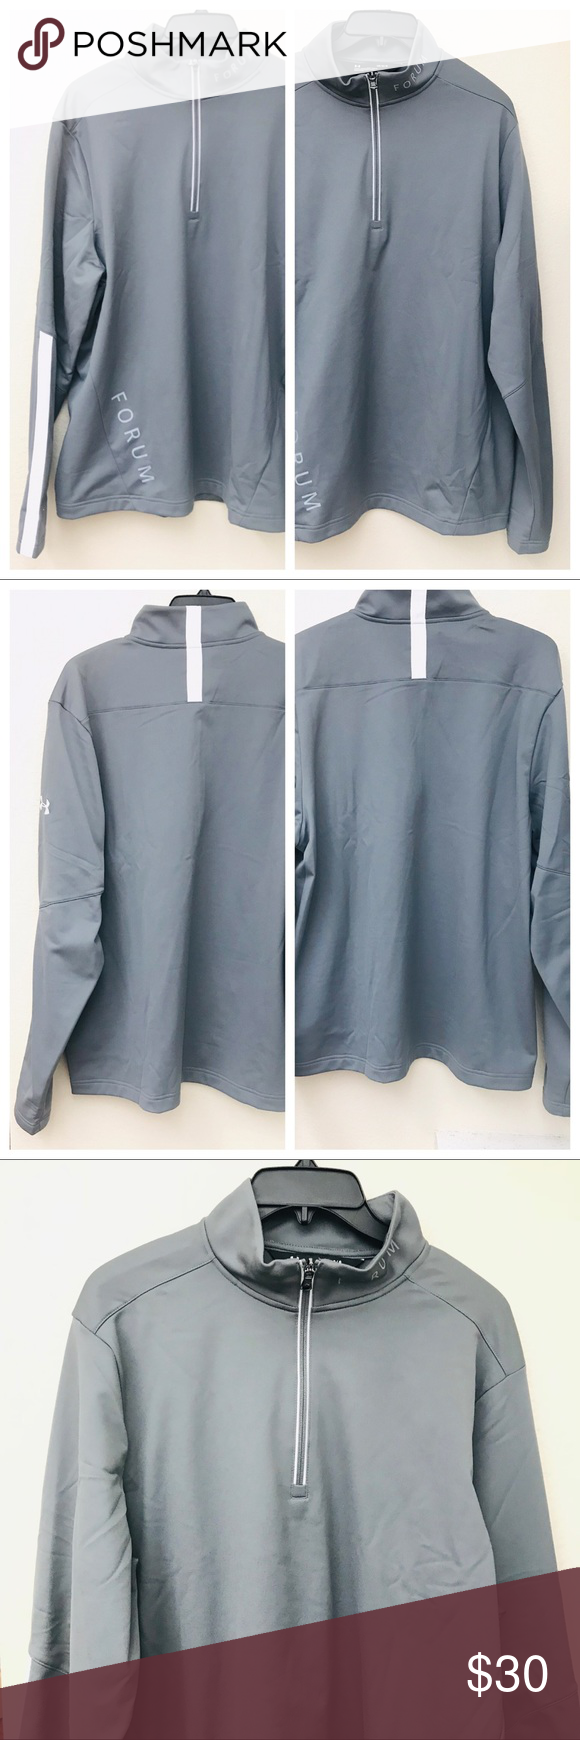 ajuste clásico nuevo alto venta caliente real Under Armour Forum Men Gray White Pullover Size L | White pullovers,  Pullover, Under armour